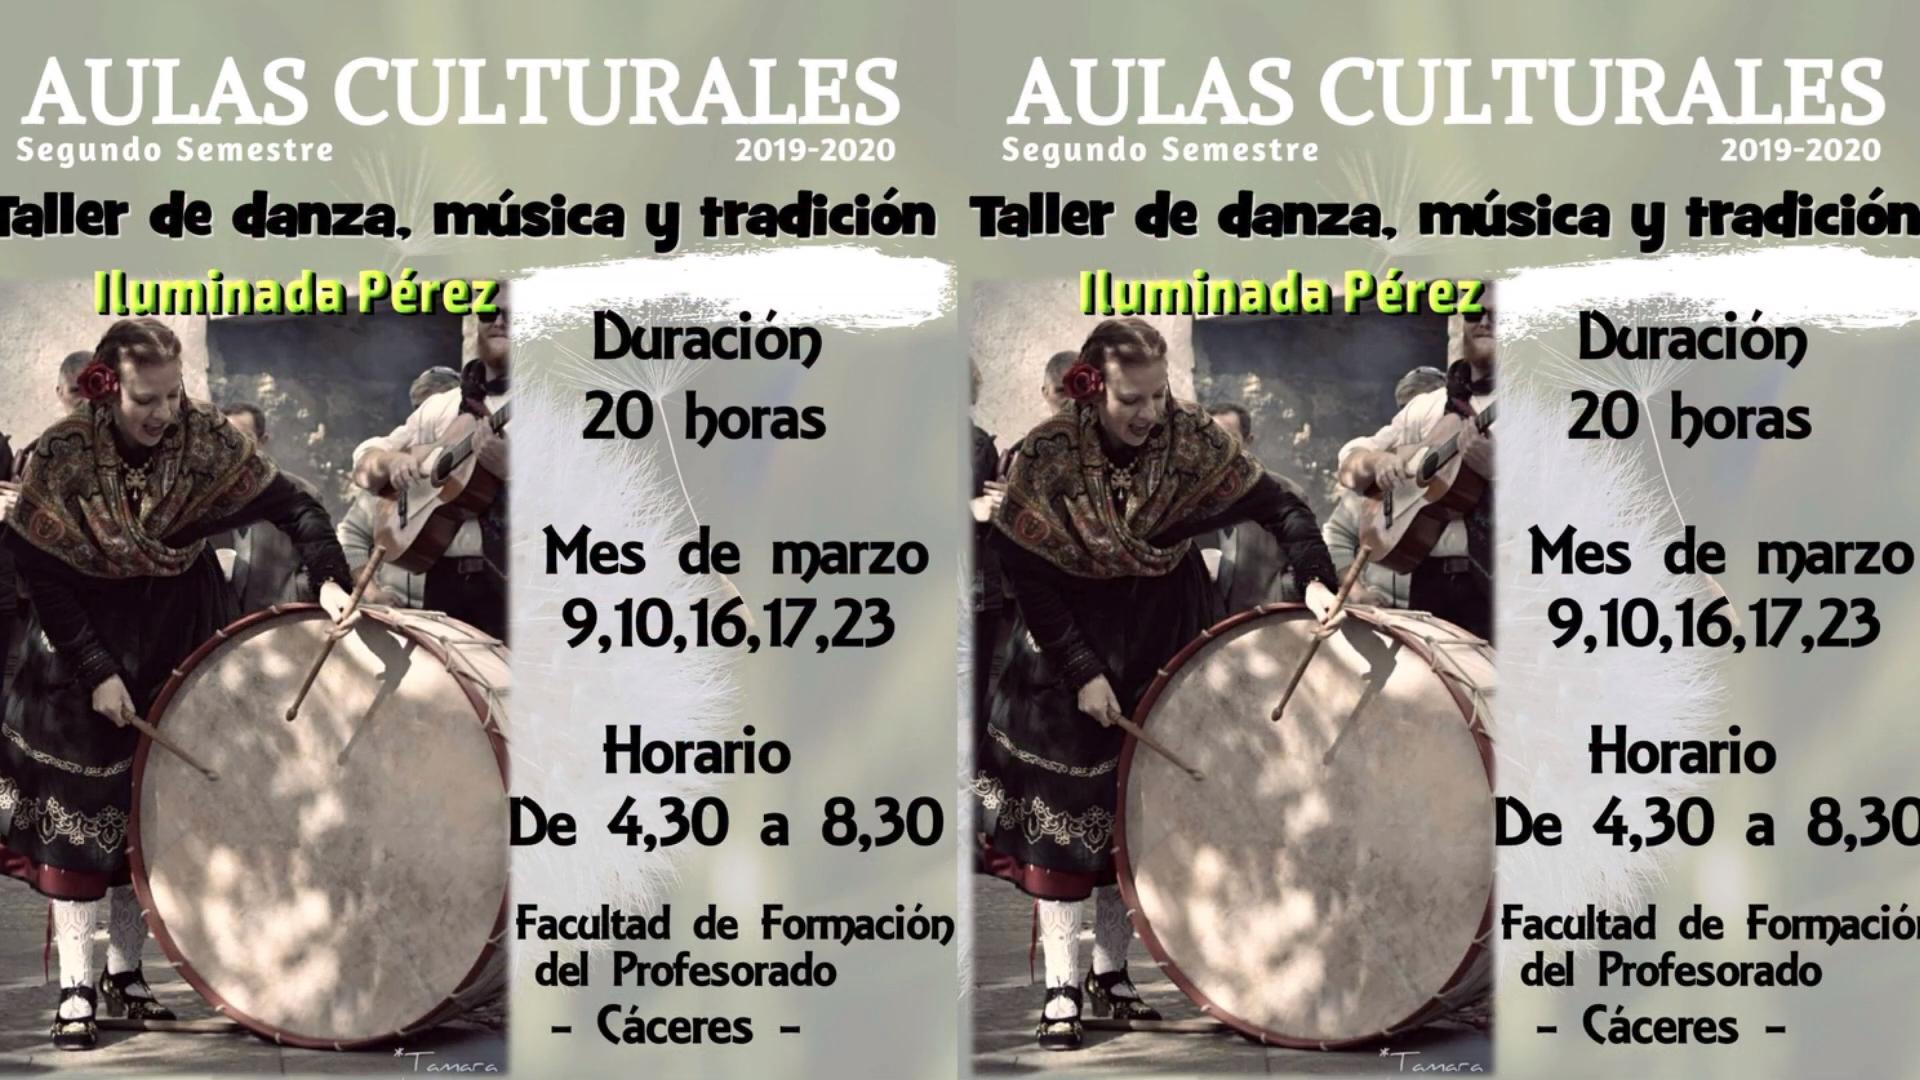 9/3/2021 Taller de música, danza y tradición extremeña en la Facultad de Formación del Profesorado de Cáceres